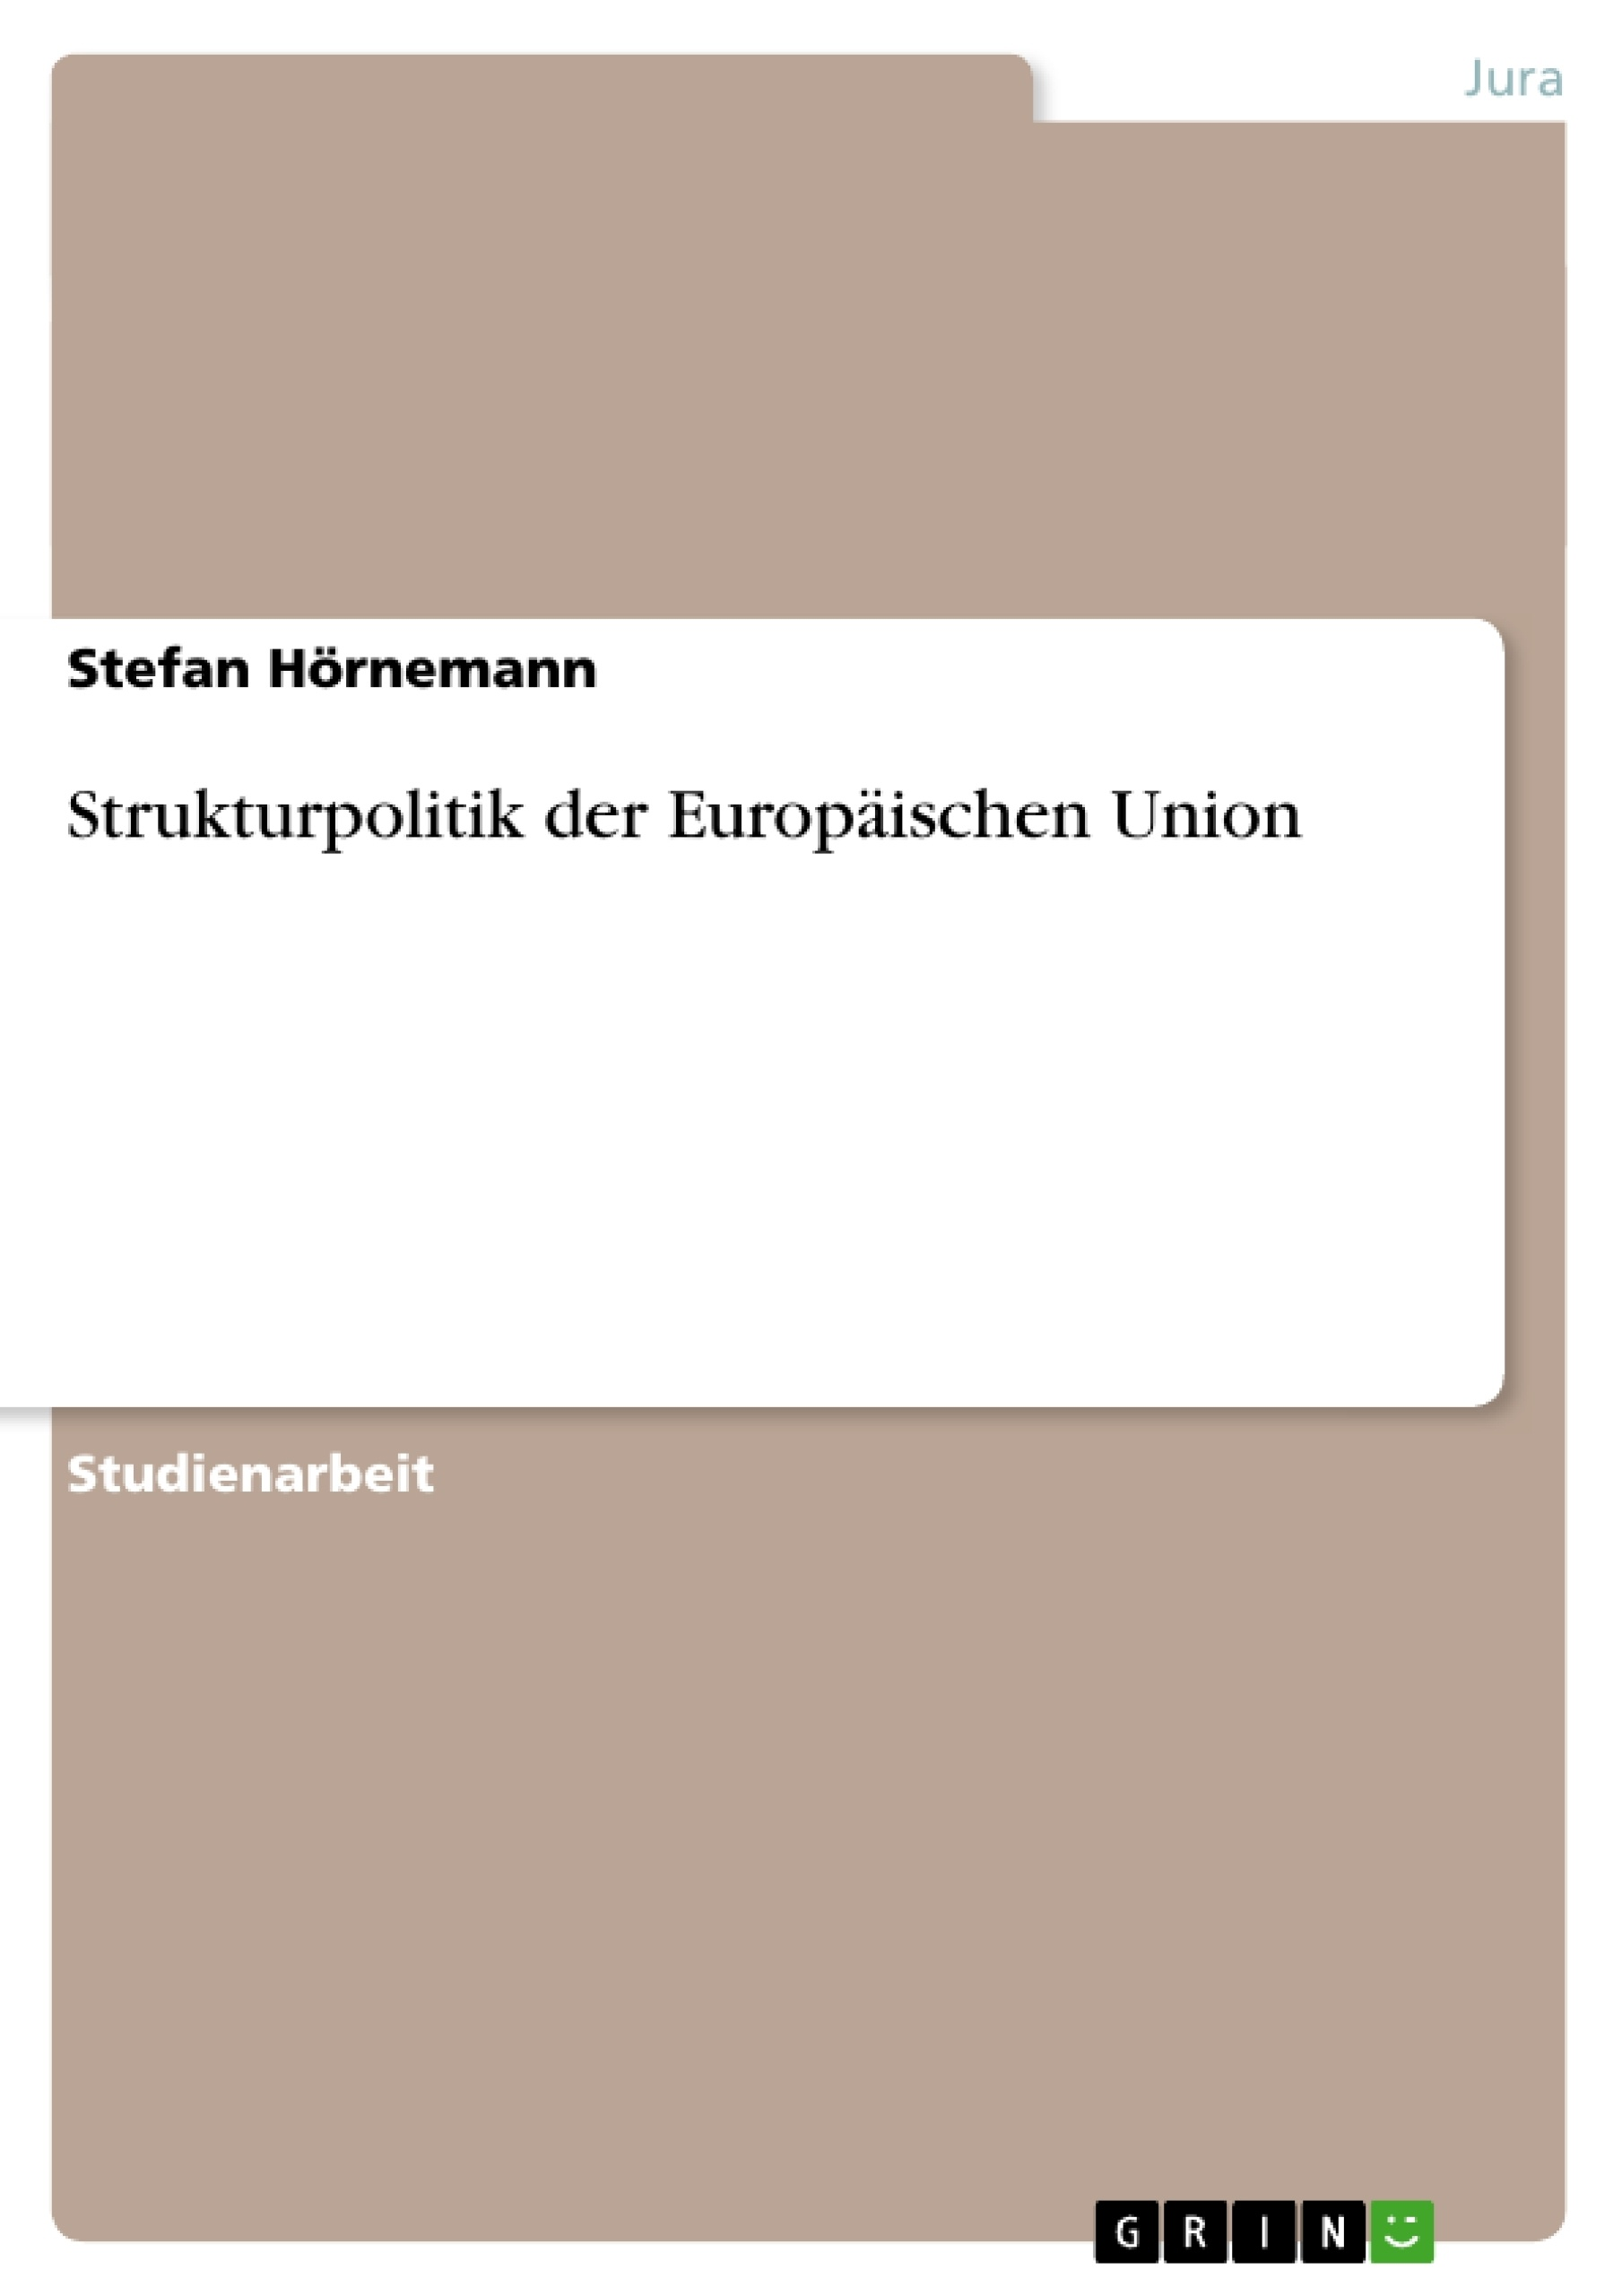 Titel: Strukturpolitik der Europäischen Union